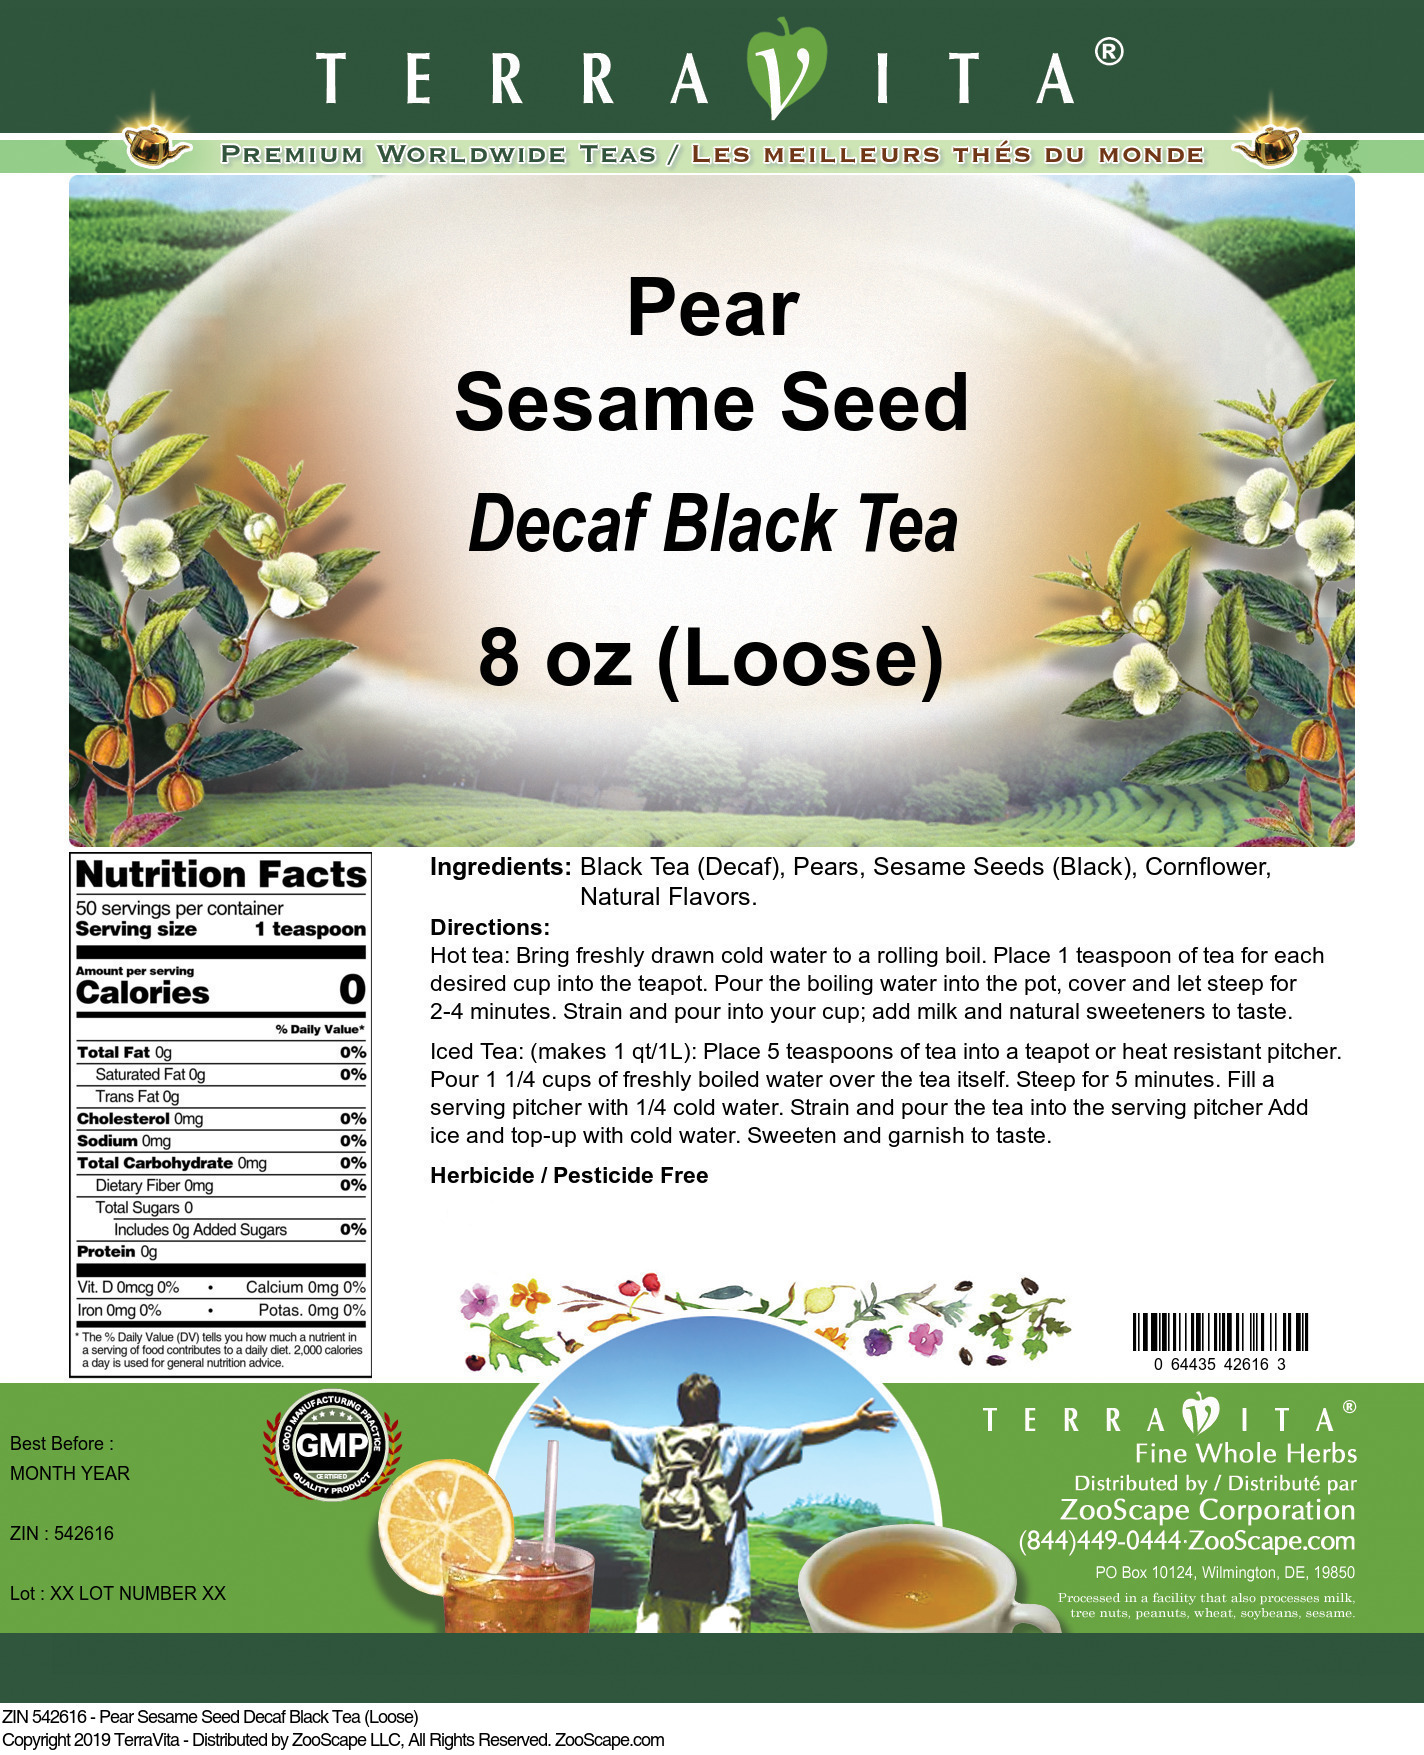 Pear Sesame Seed Decaf Black Tea (Loose)